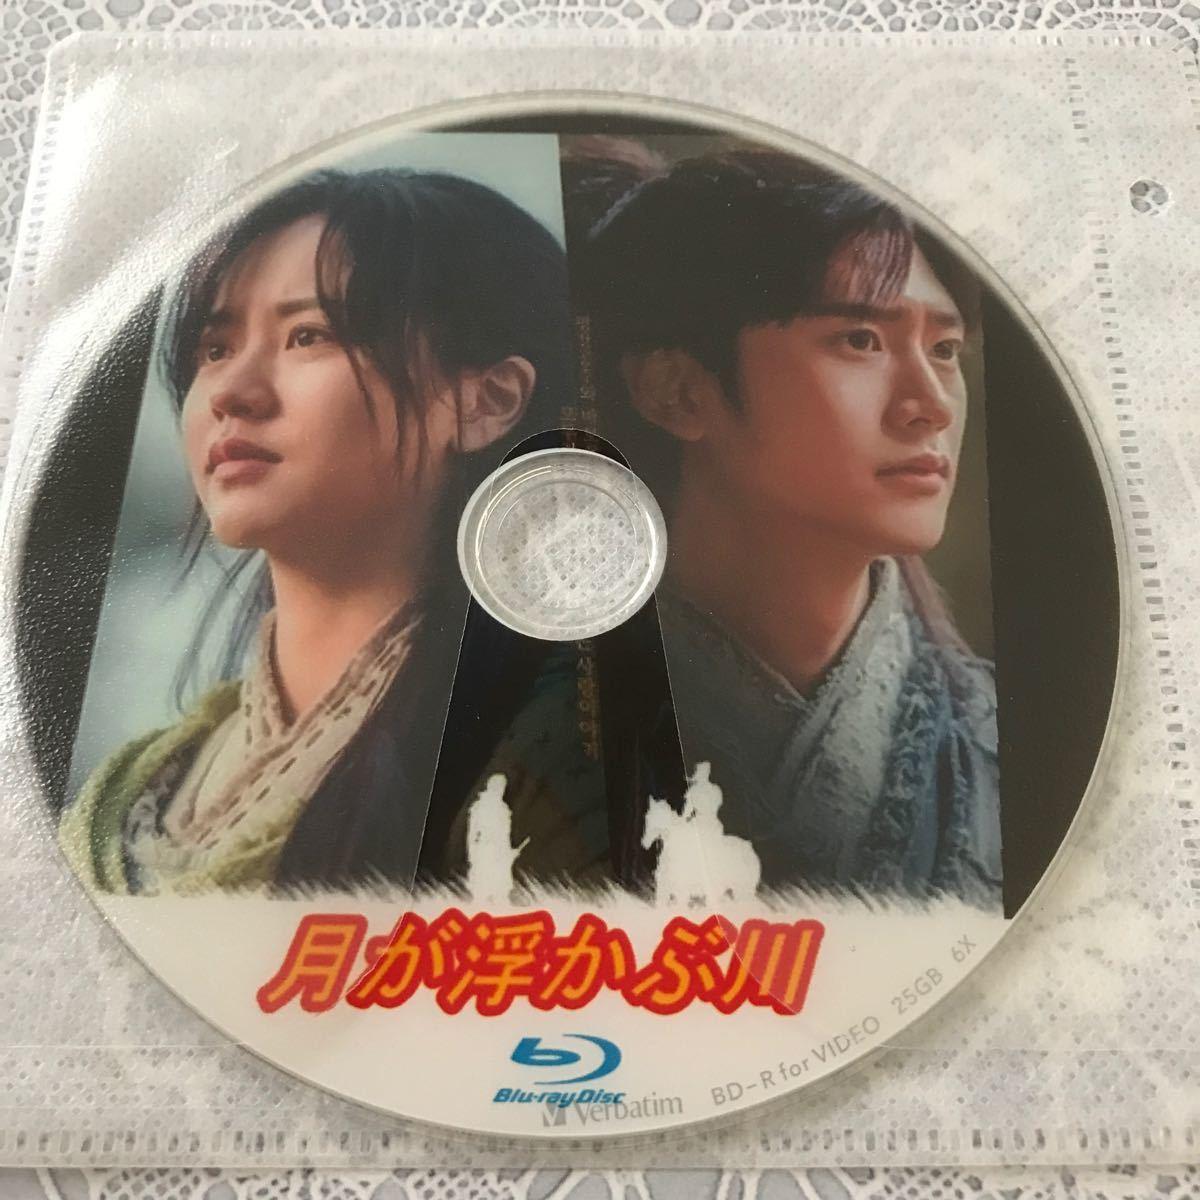 韓国ドラマ Blu-ray 月が浮かぶ川